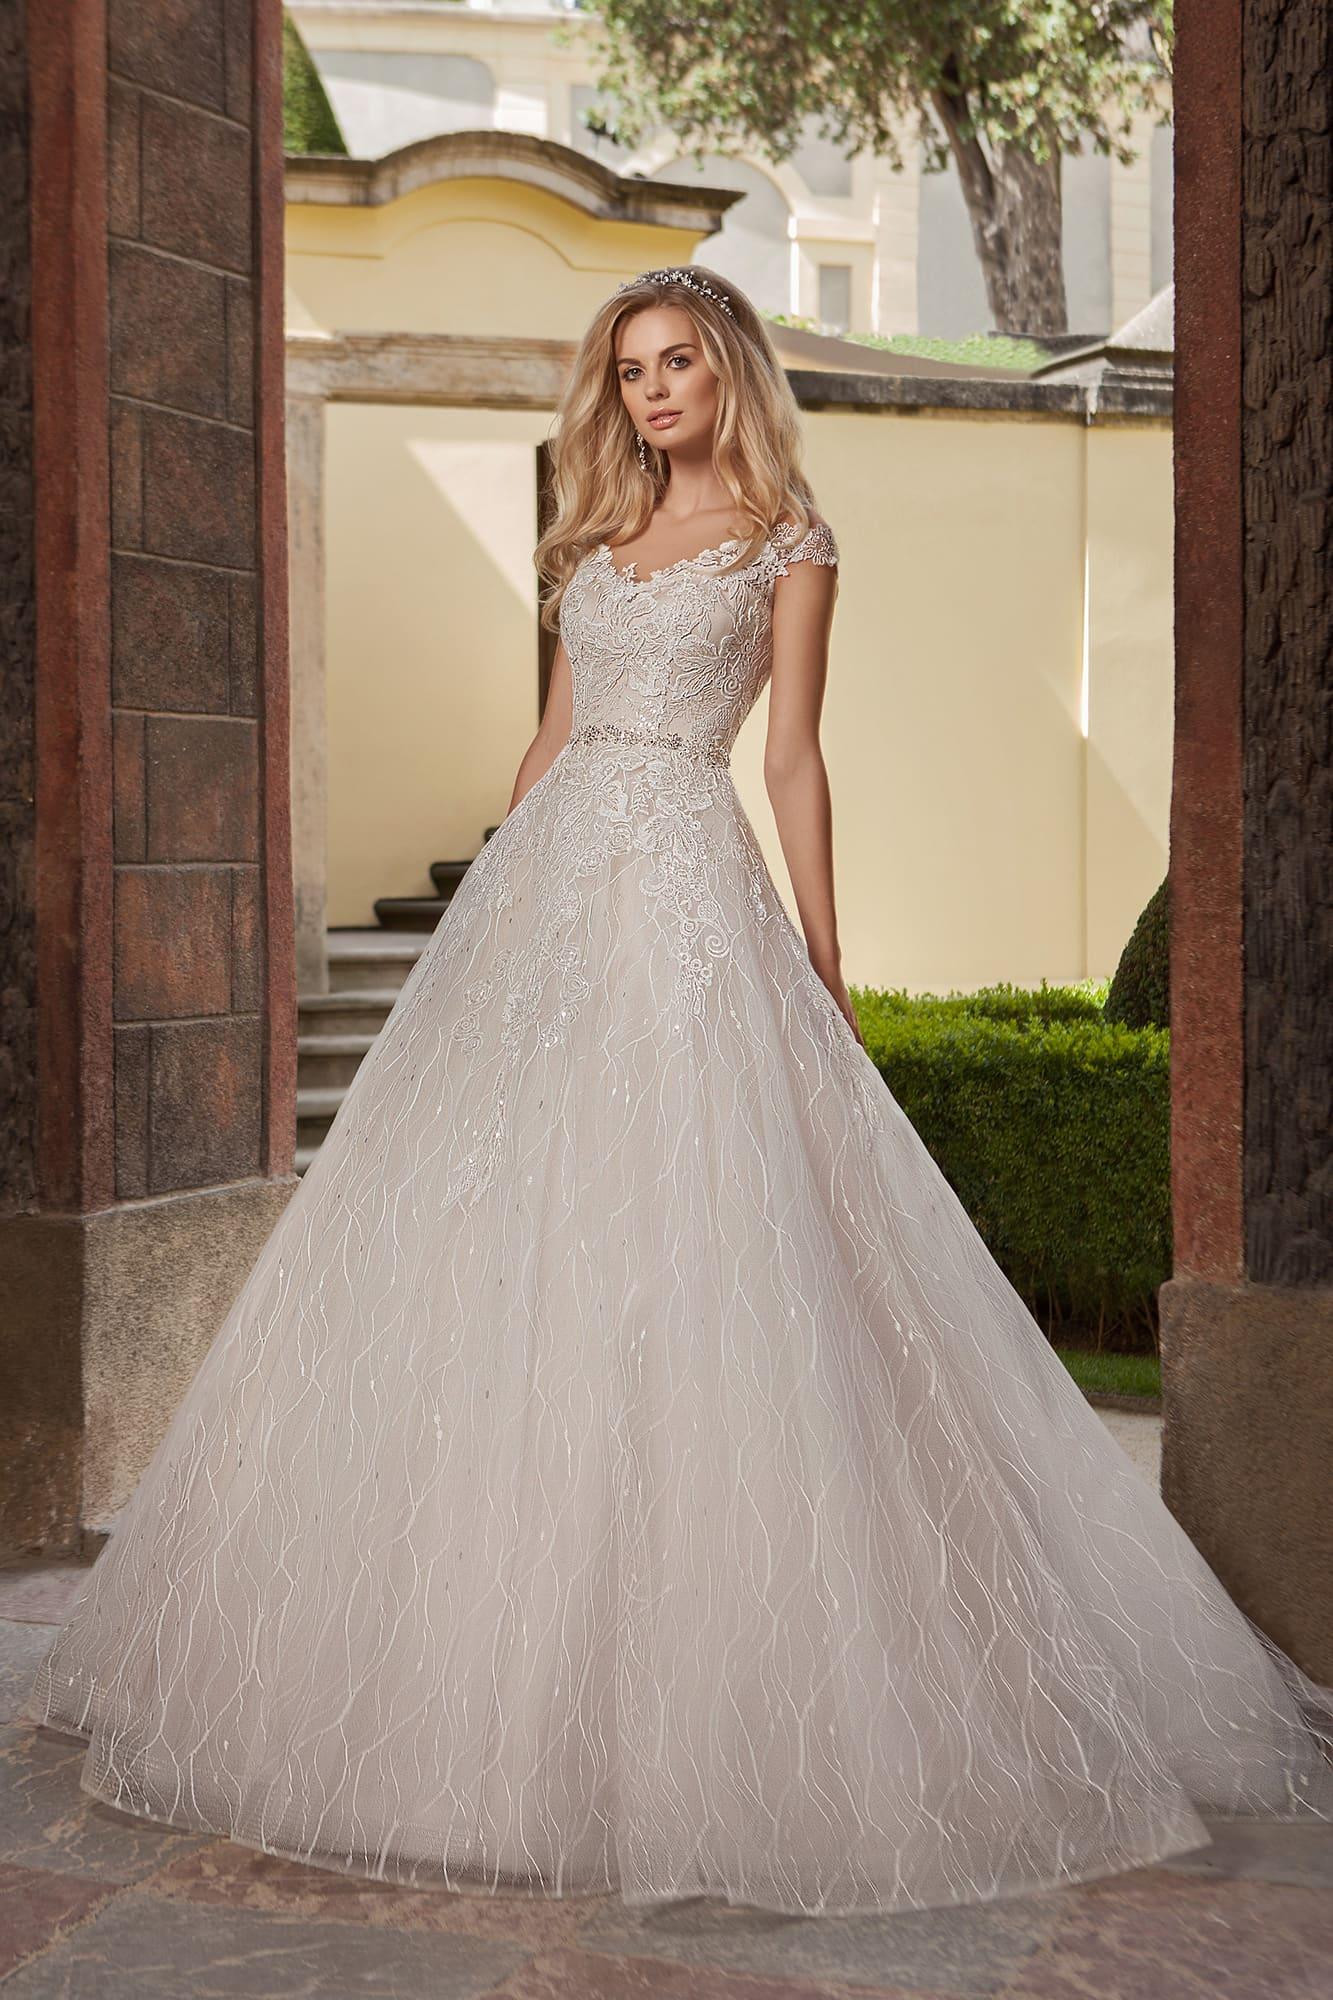 9b7135288fe12e Свадебное платье А-силуэта цвета слоновой кости, с кружевным декором и  поясом.